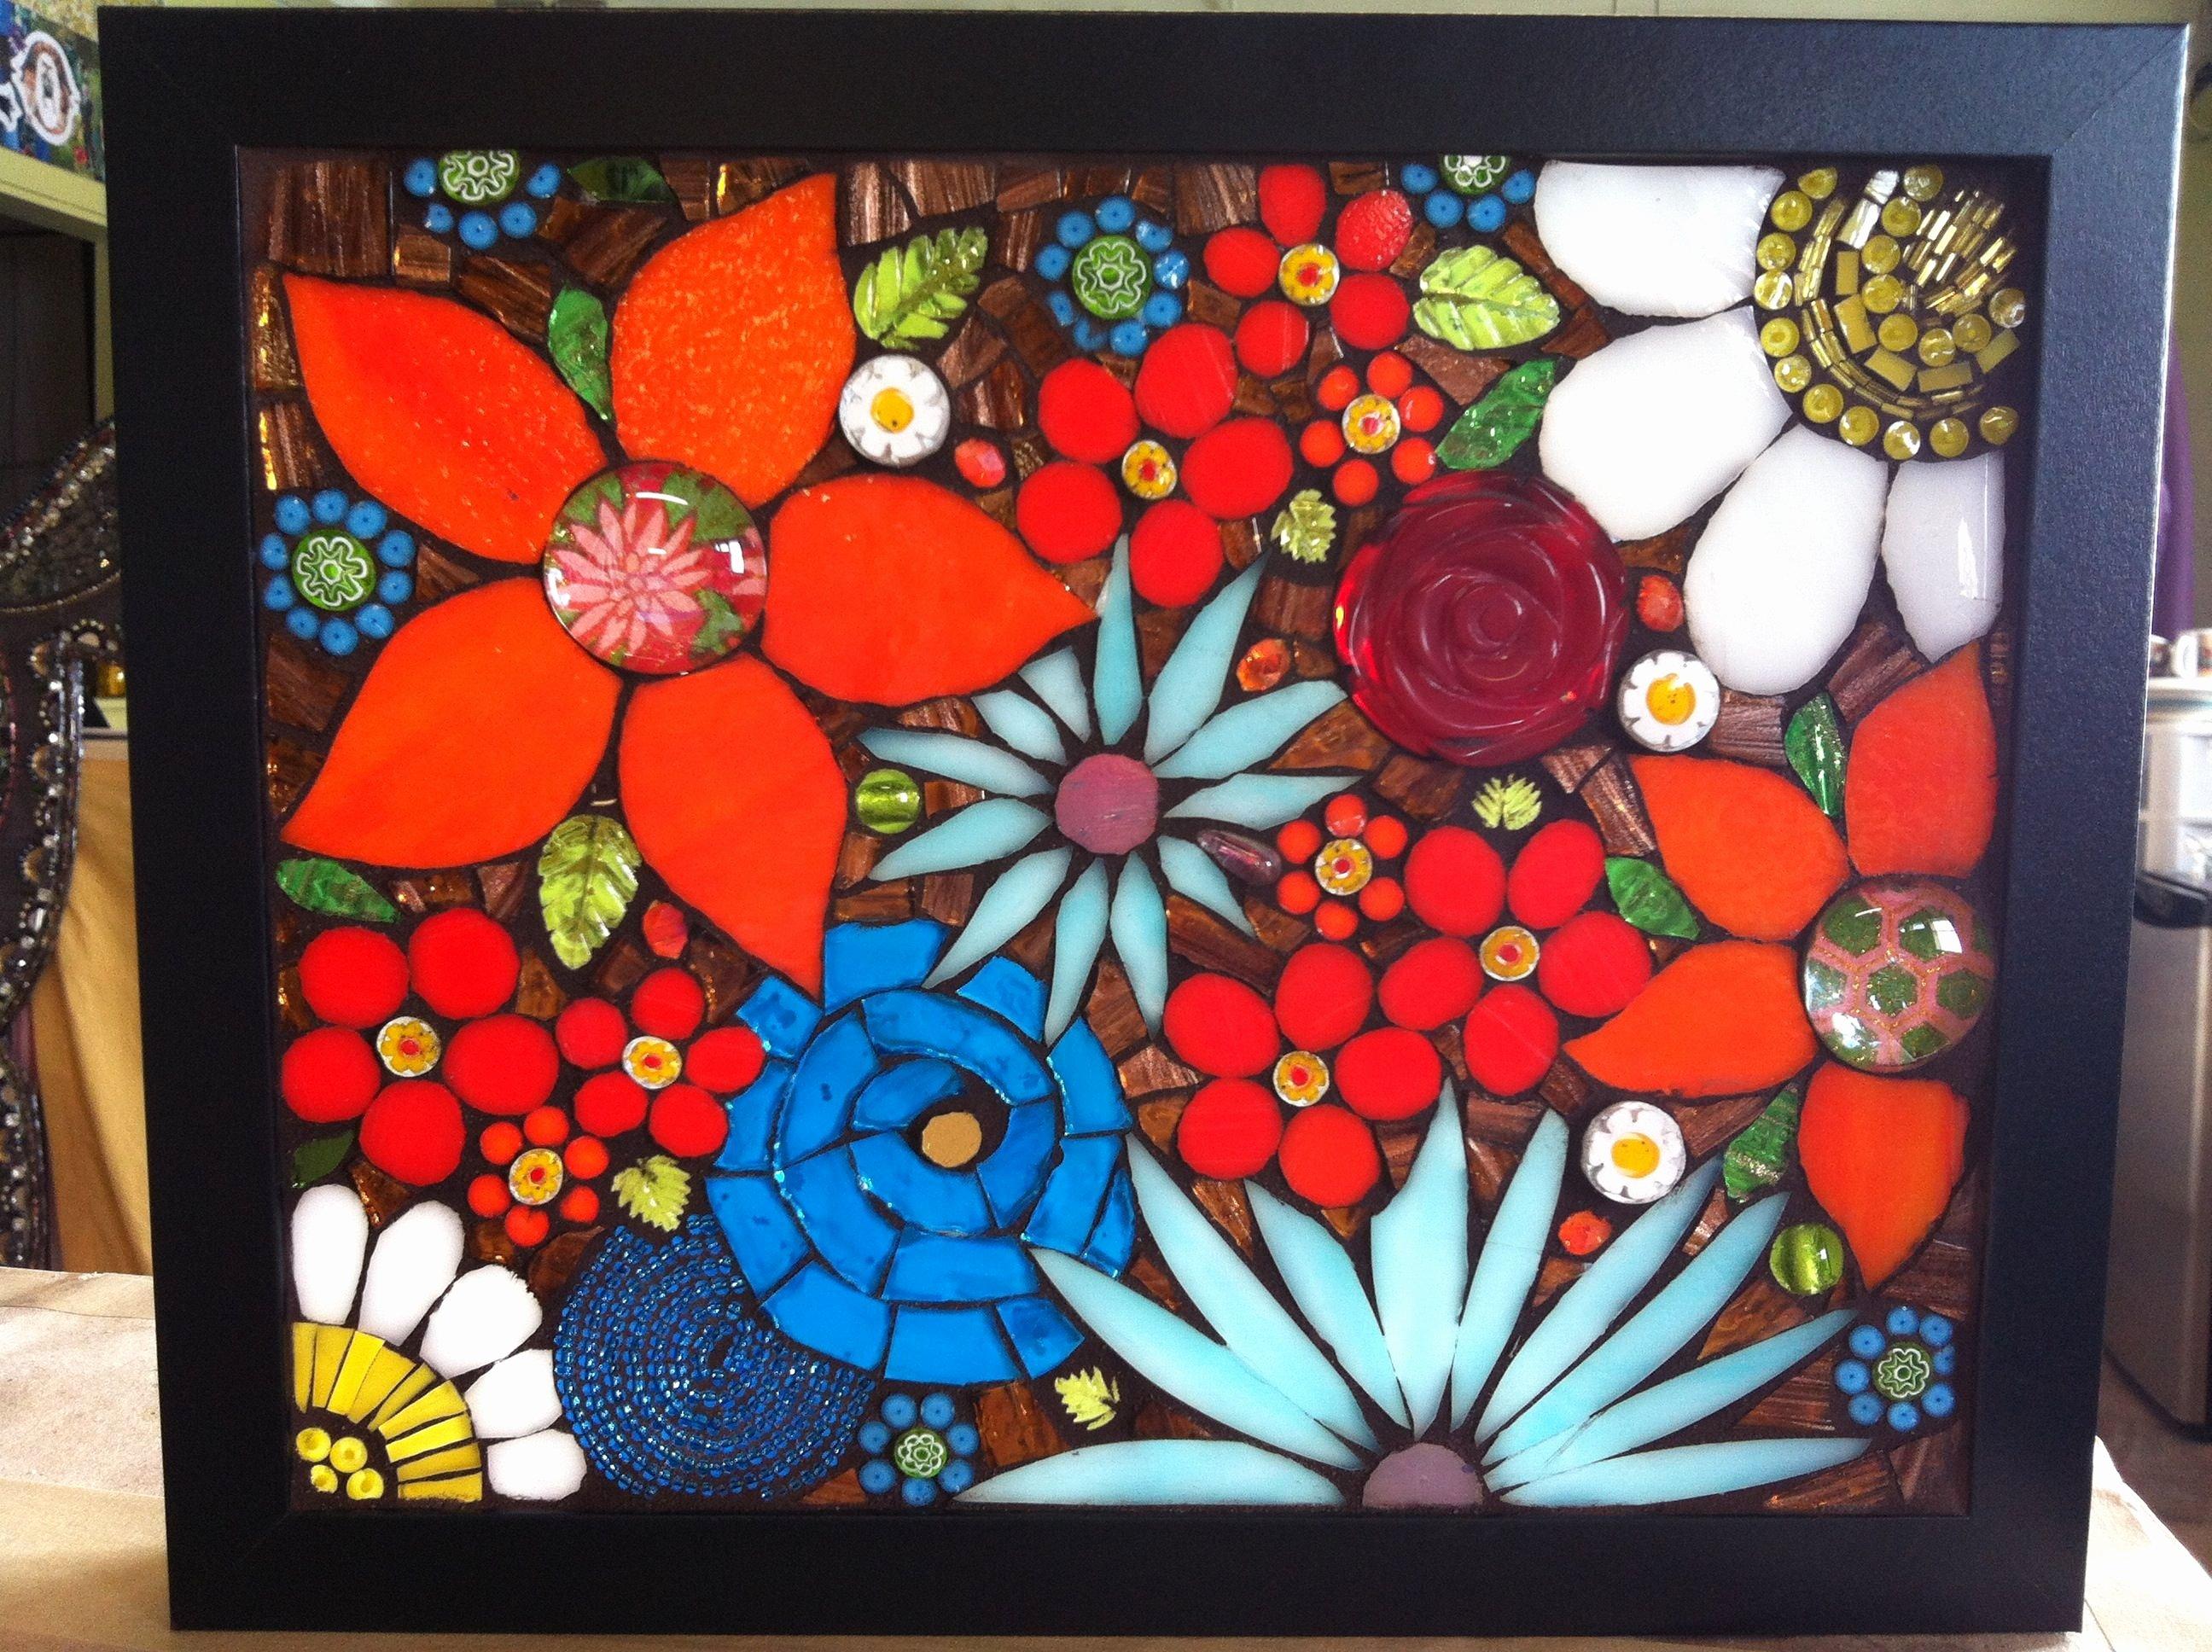 Mosaic Flower Designs Inspirational Flower Mosaic Patterns